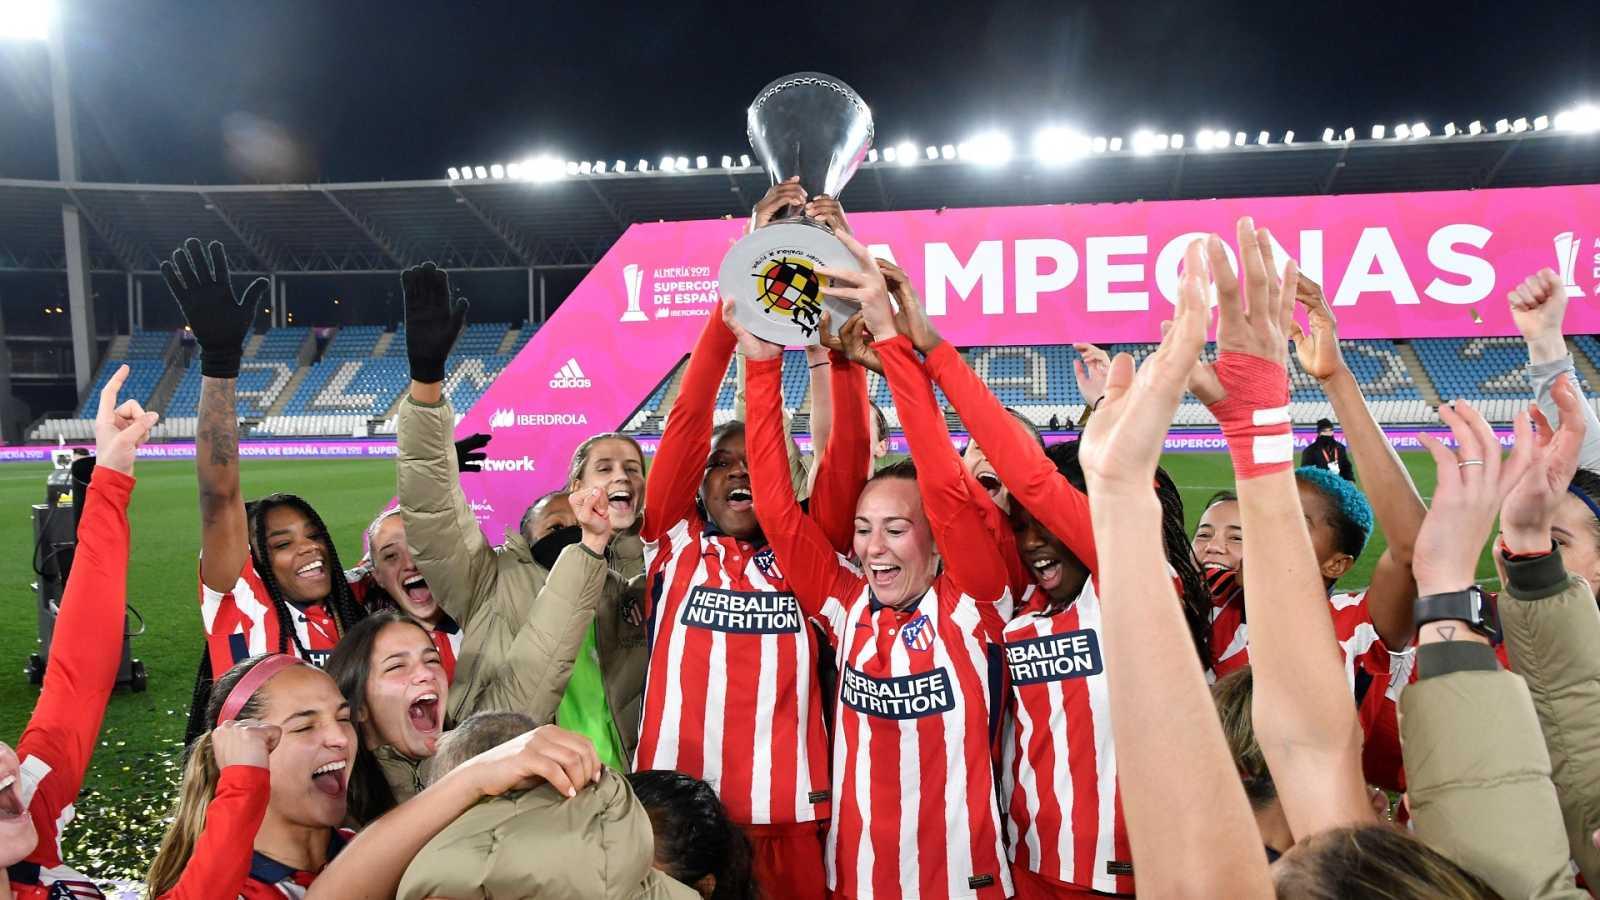 Fútbol - Supercopa Española femenina. Final: Levante UD - Atlético de Madrid - ver ahora